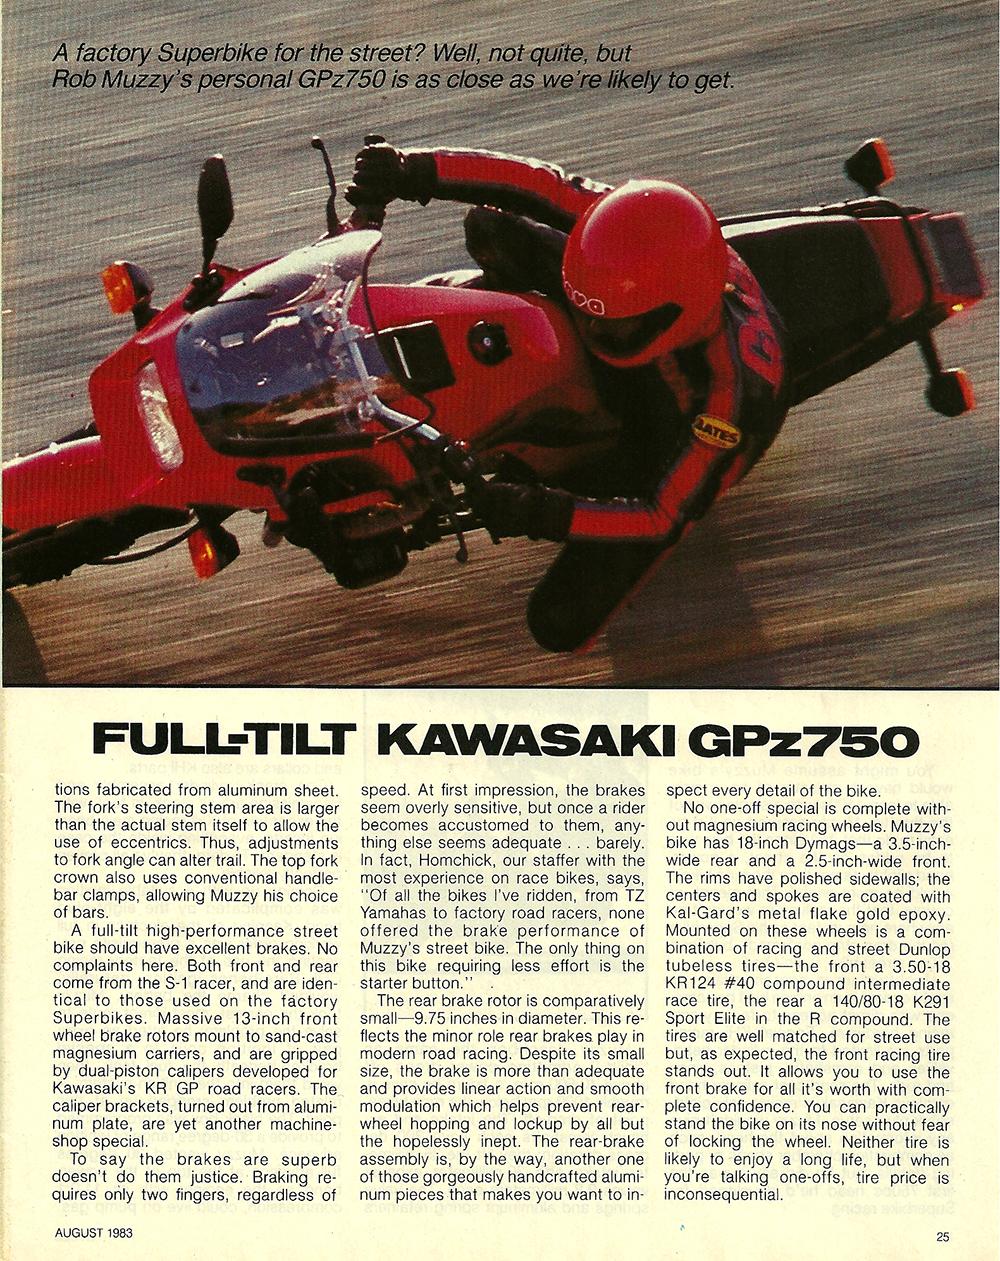 1983 Kawasaki GPz 750 full tilt test 3.jpg